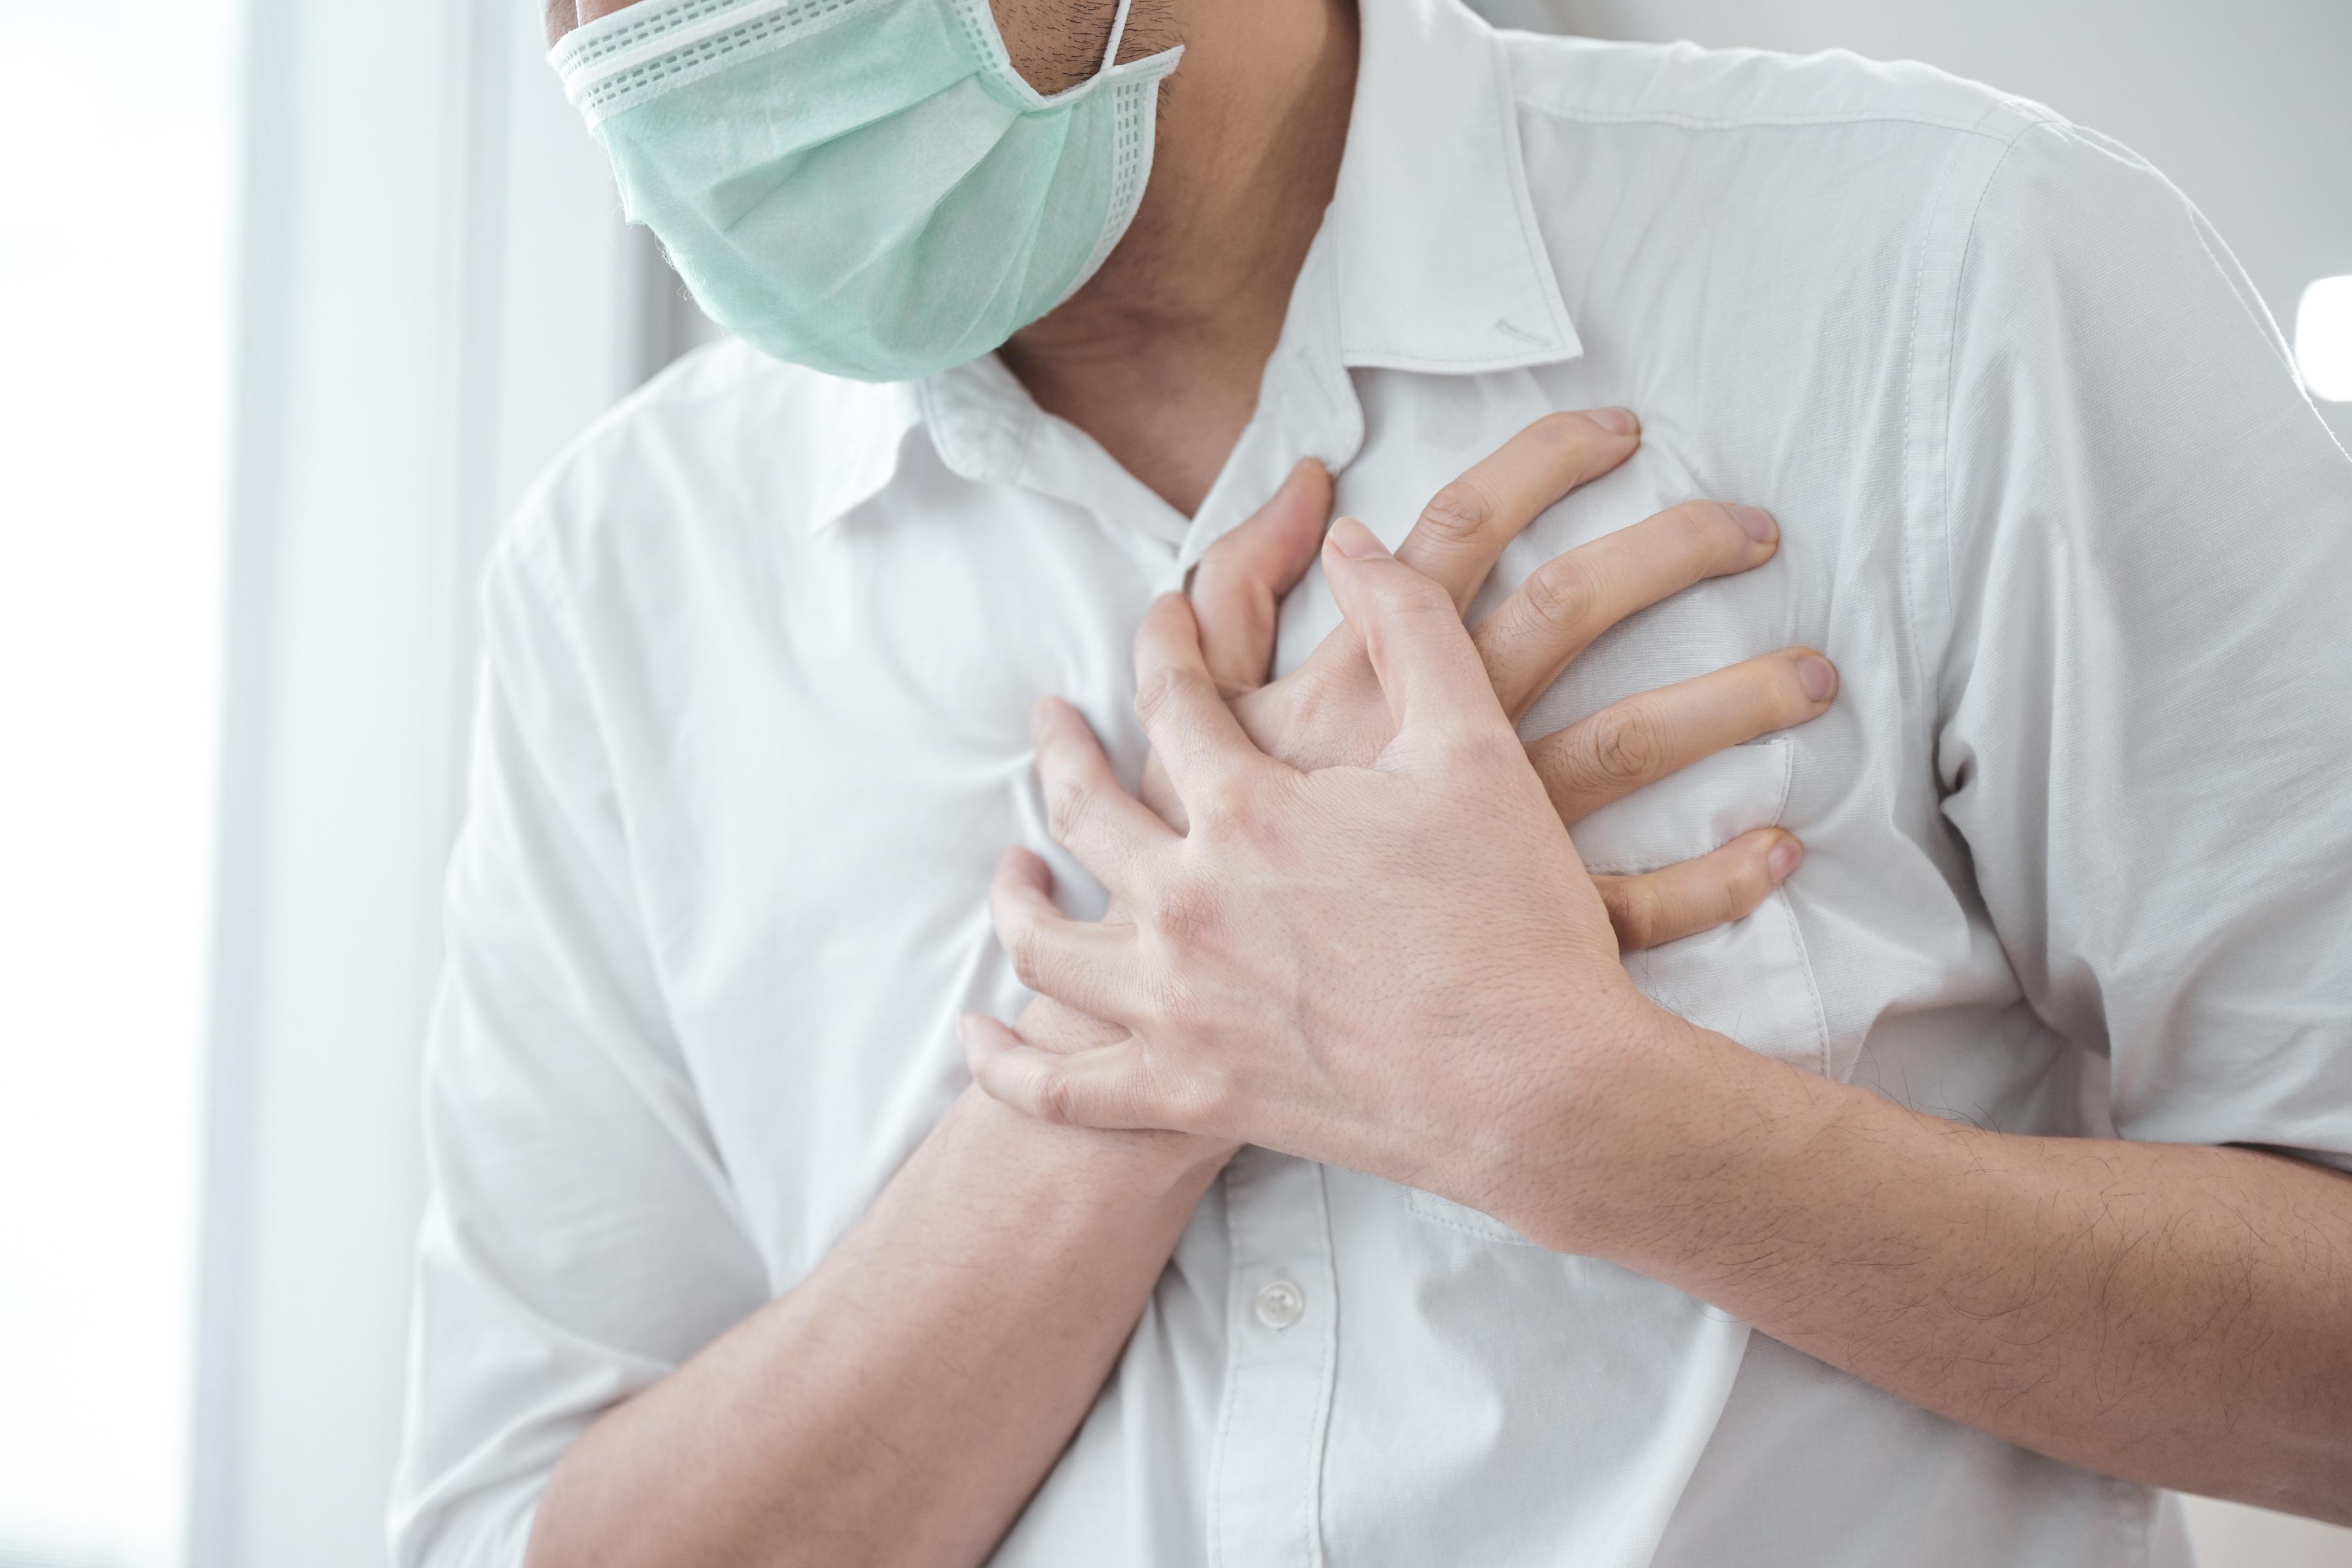 Ce pacienți au riscuri de a dezvolta complicații cardiovasculare în urma infecției cu SARS-COV2